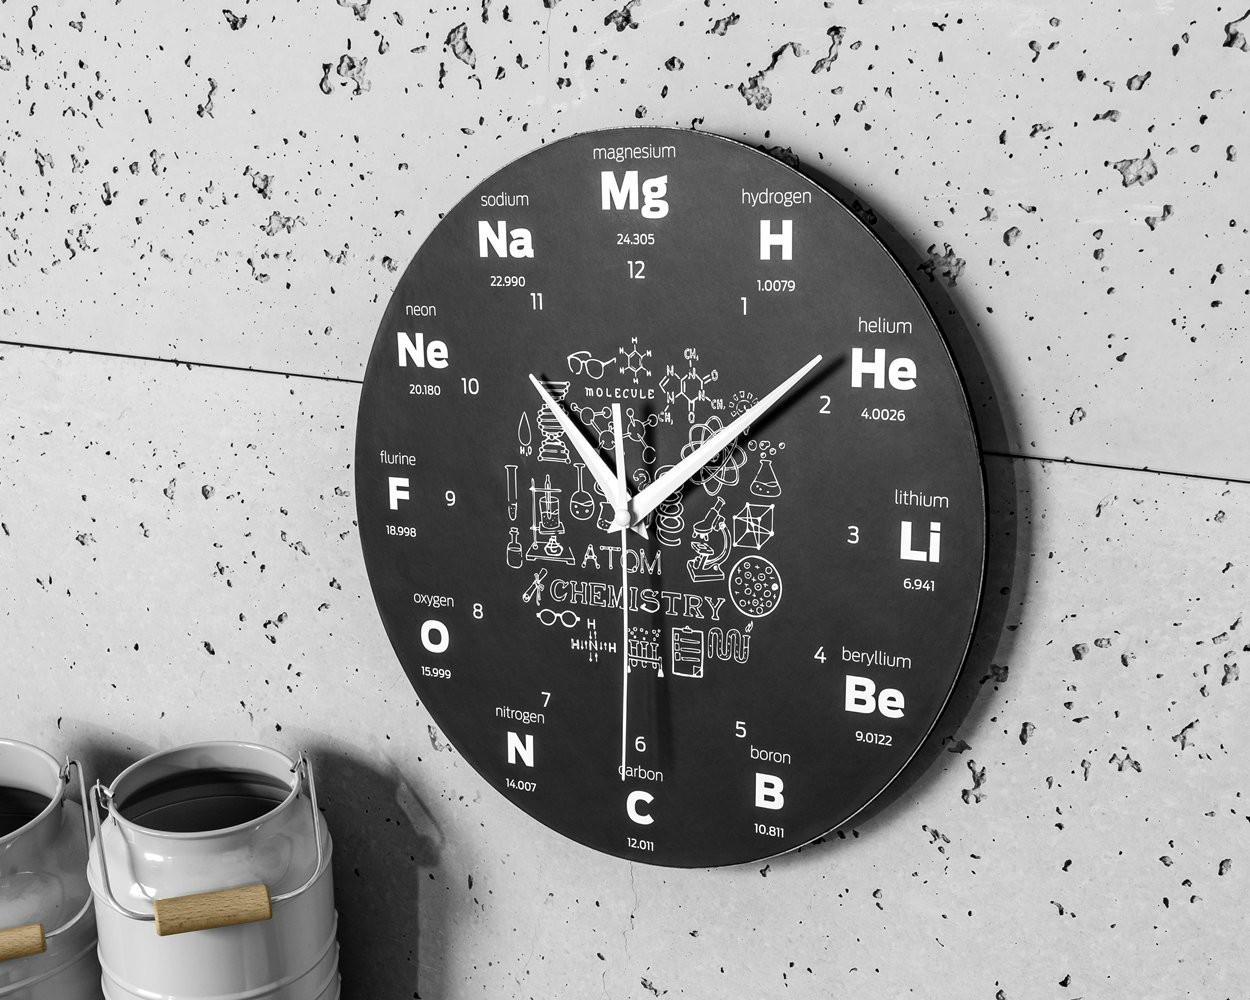 Ceas de perete elemente si simboluri chimice